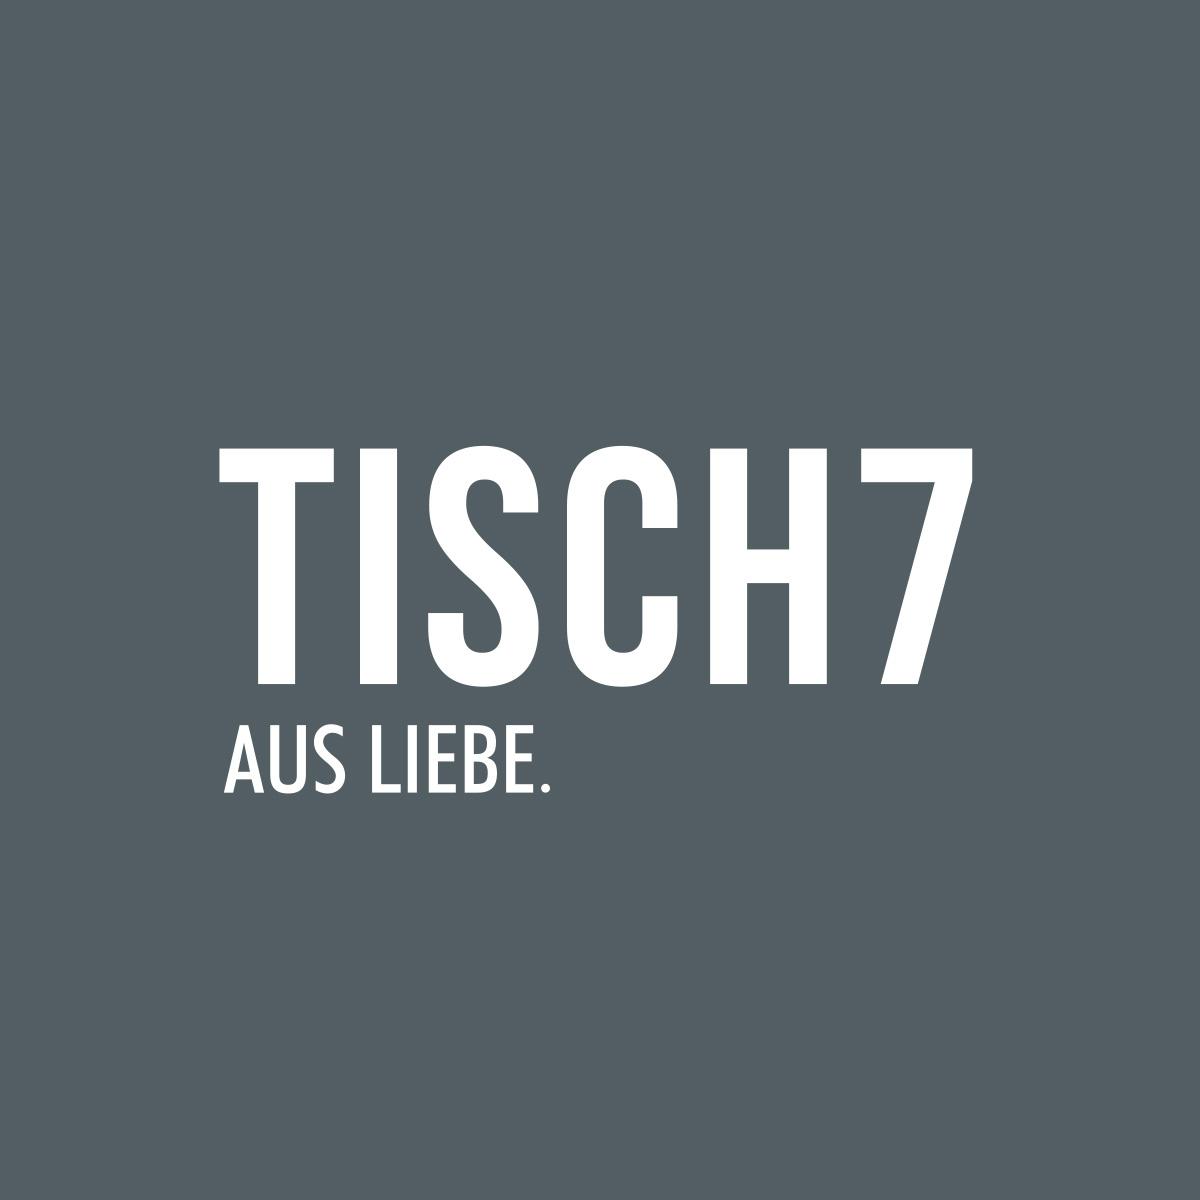 tisch7 schweinfurt logo sqaure web tisch7. Black Bedroom Furniture Sets. Home Design Ideas